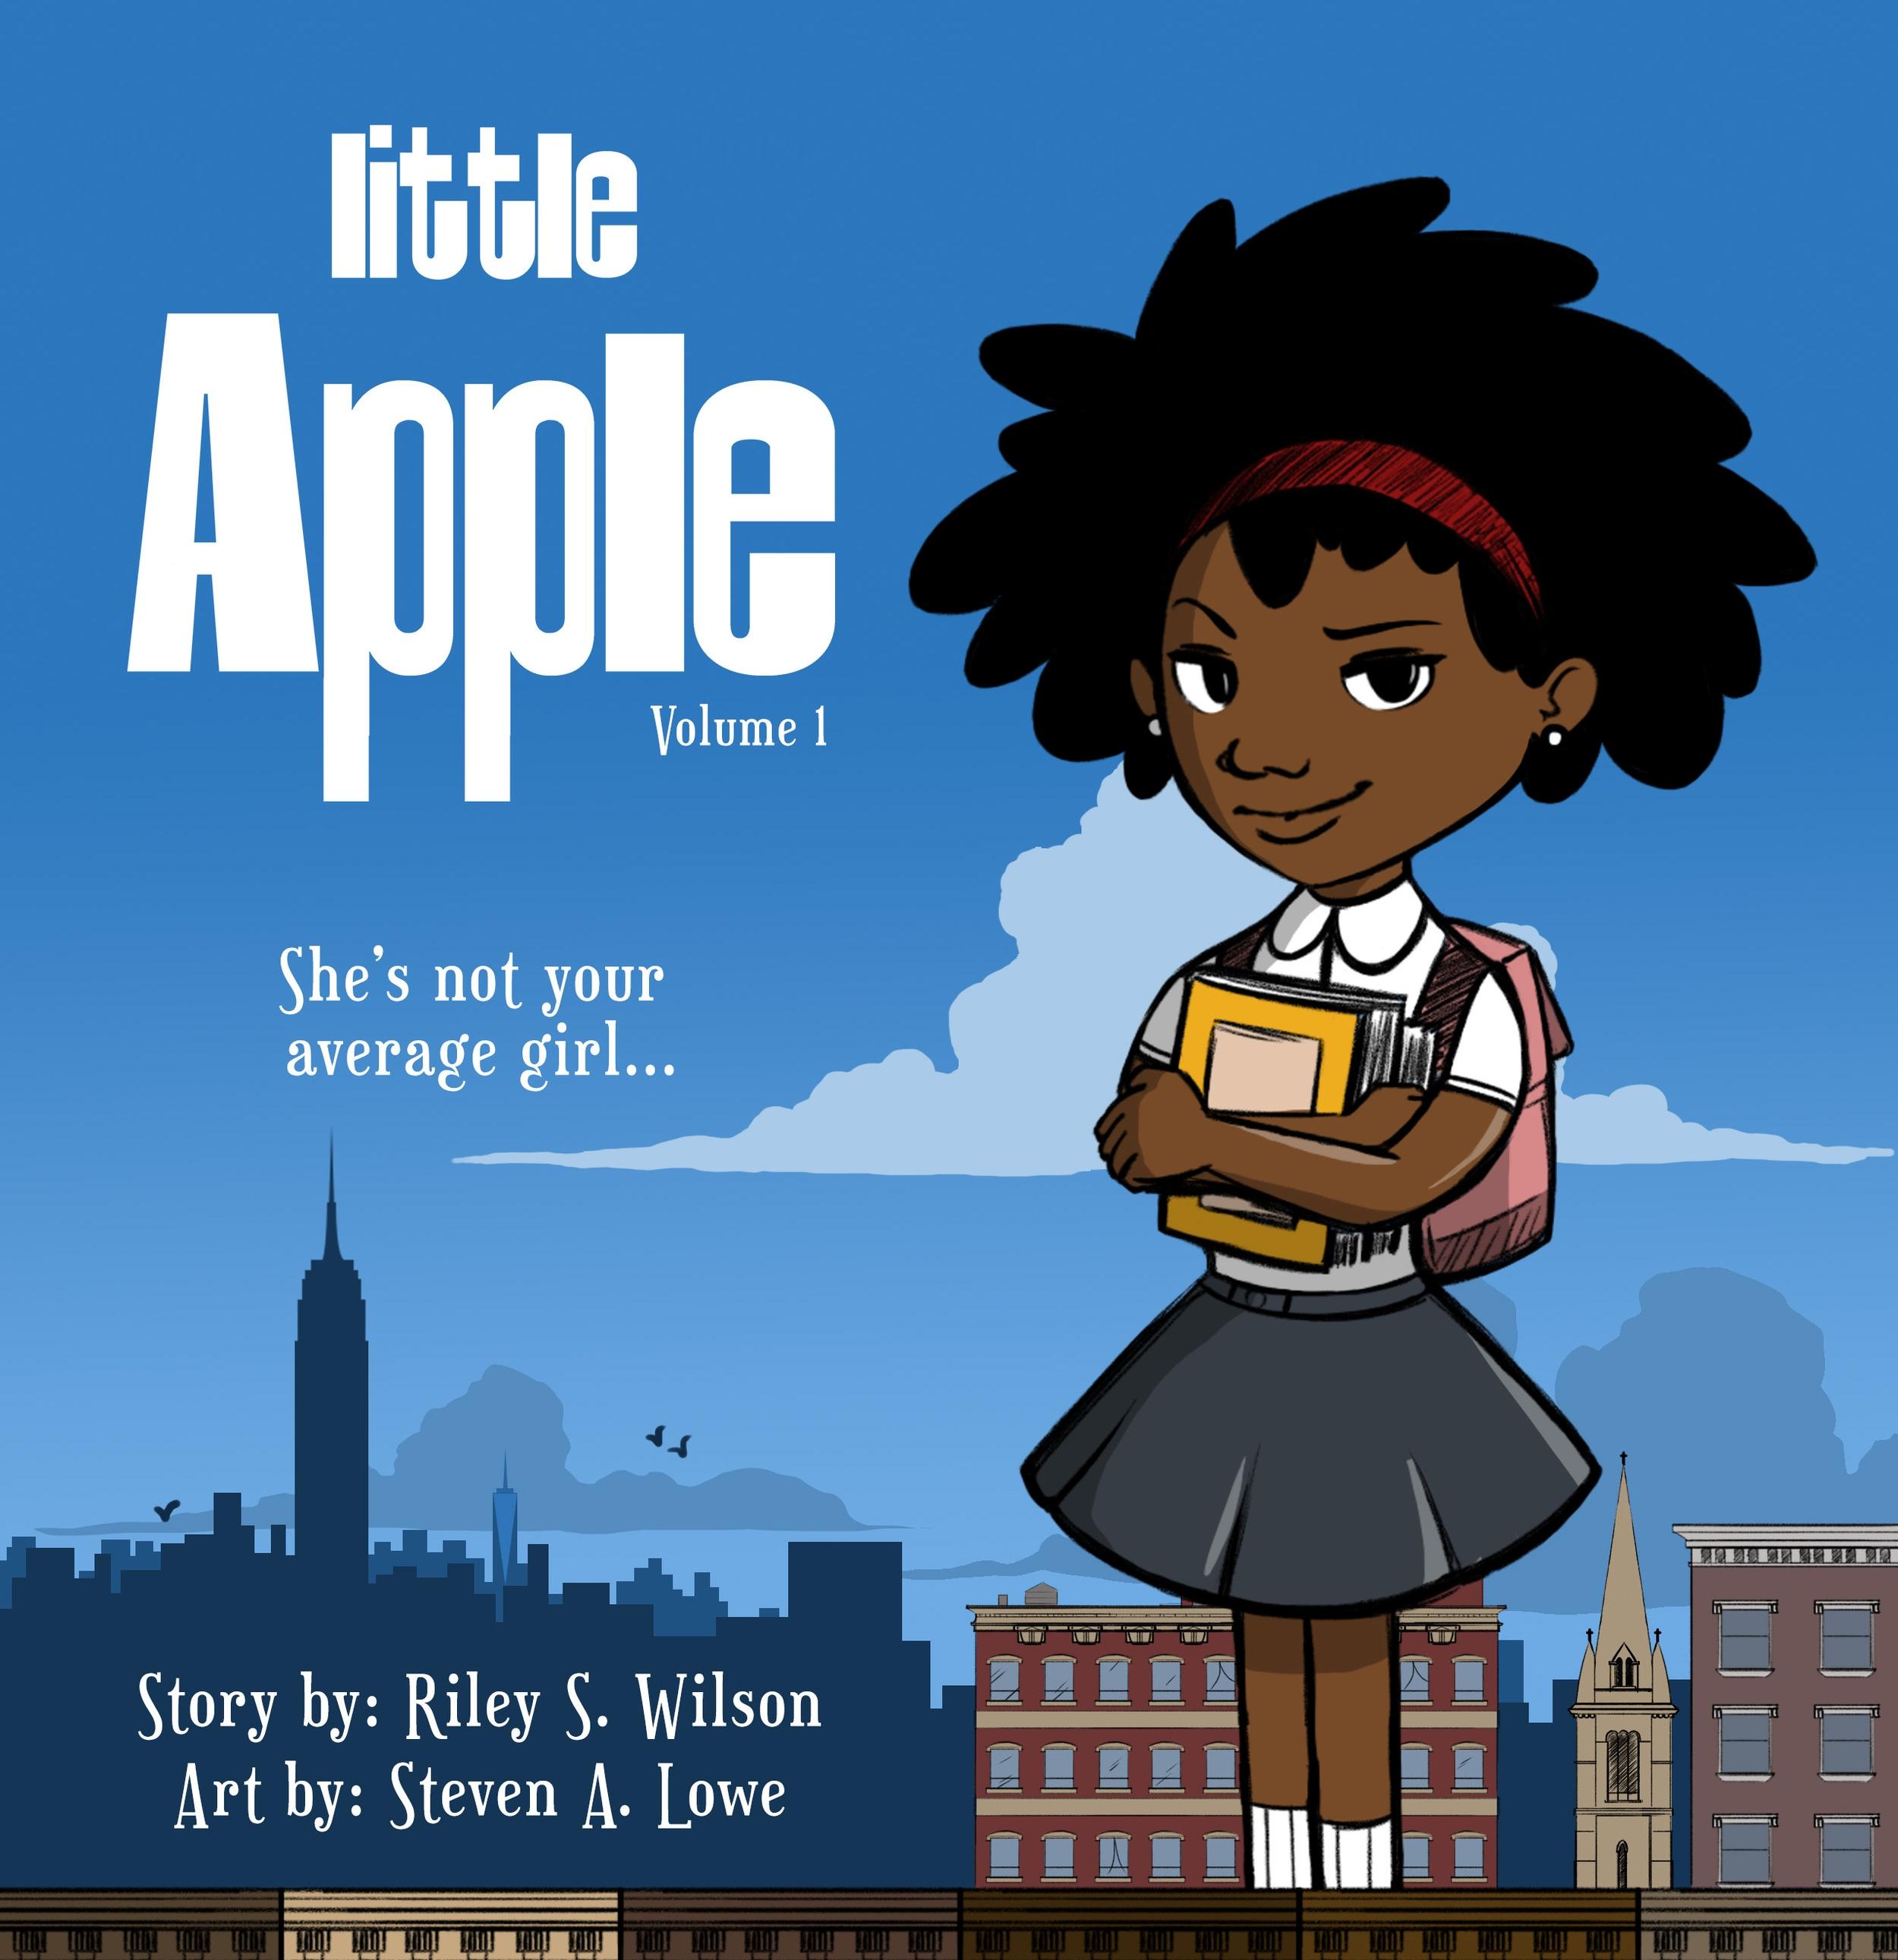 LittleApple_COVER.jpg